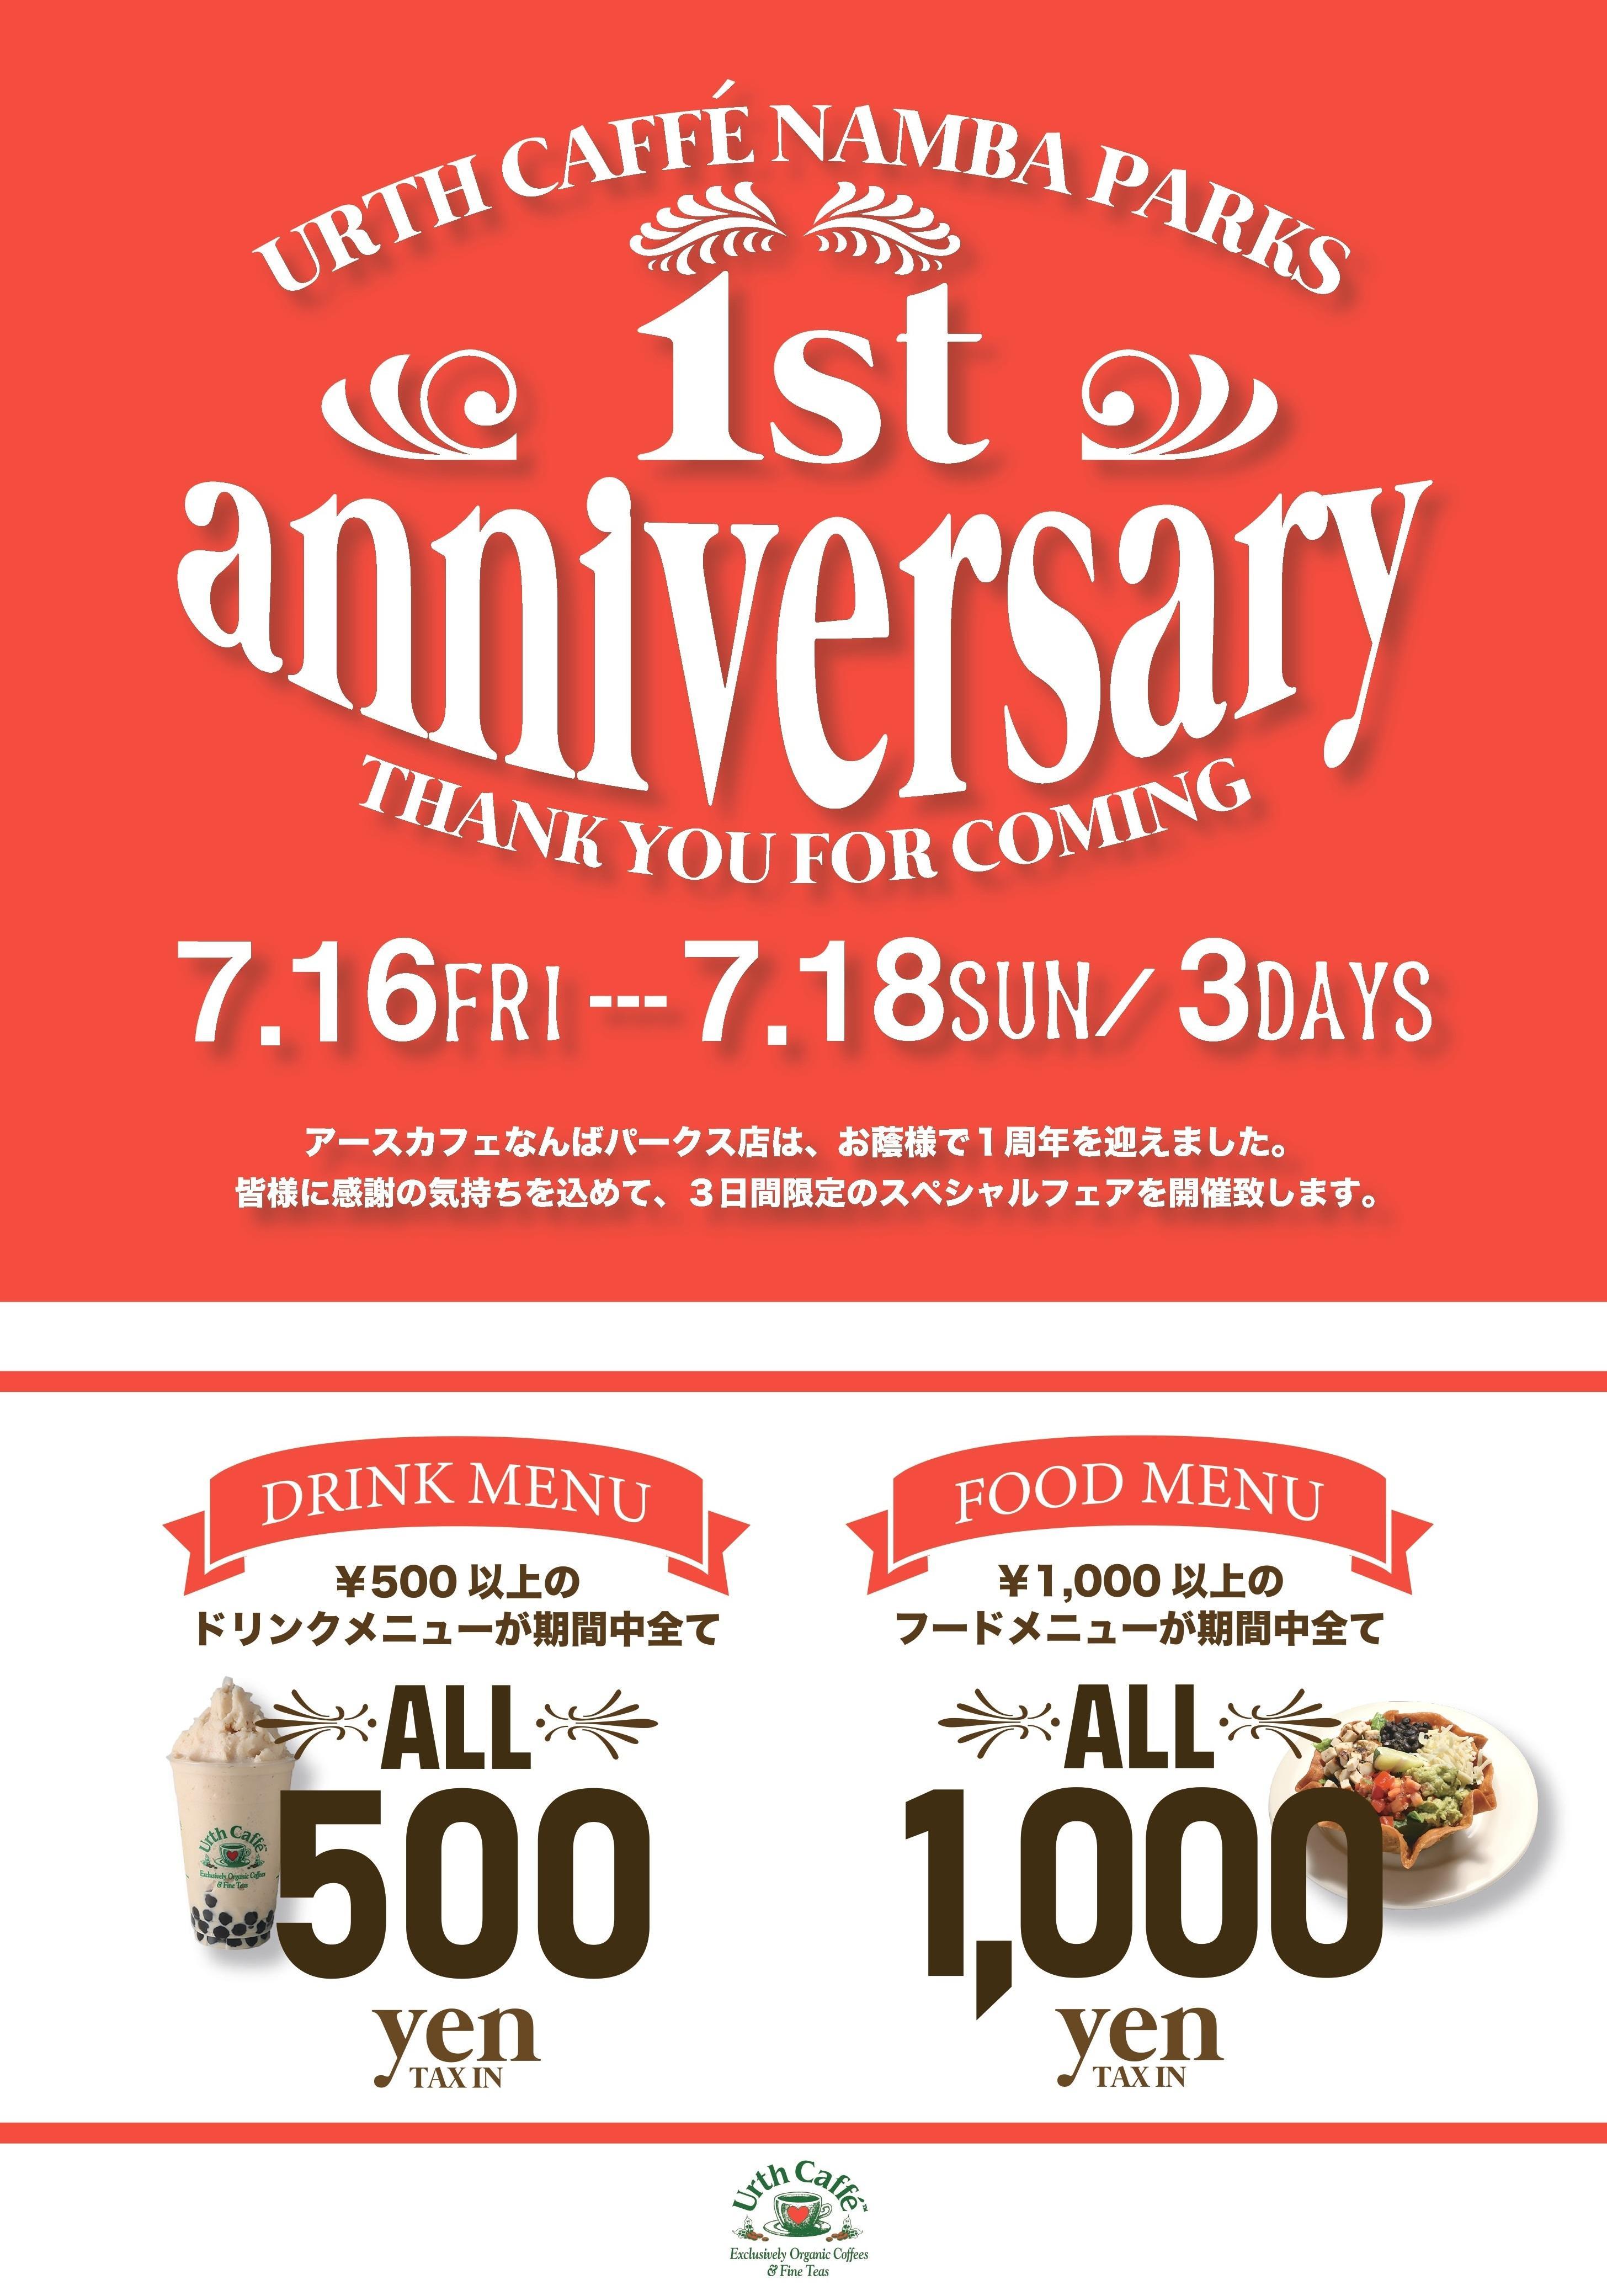 https://urthcaffe-japan.com/c0fd2422072f77128701e8cb84d0a718.jpg